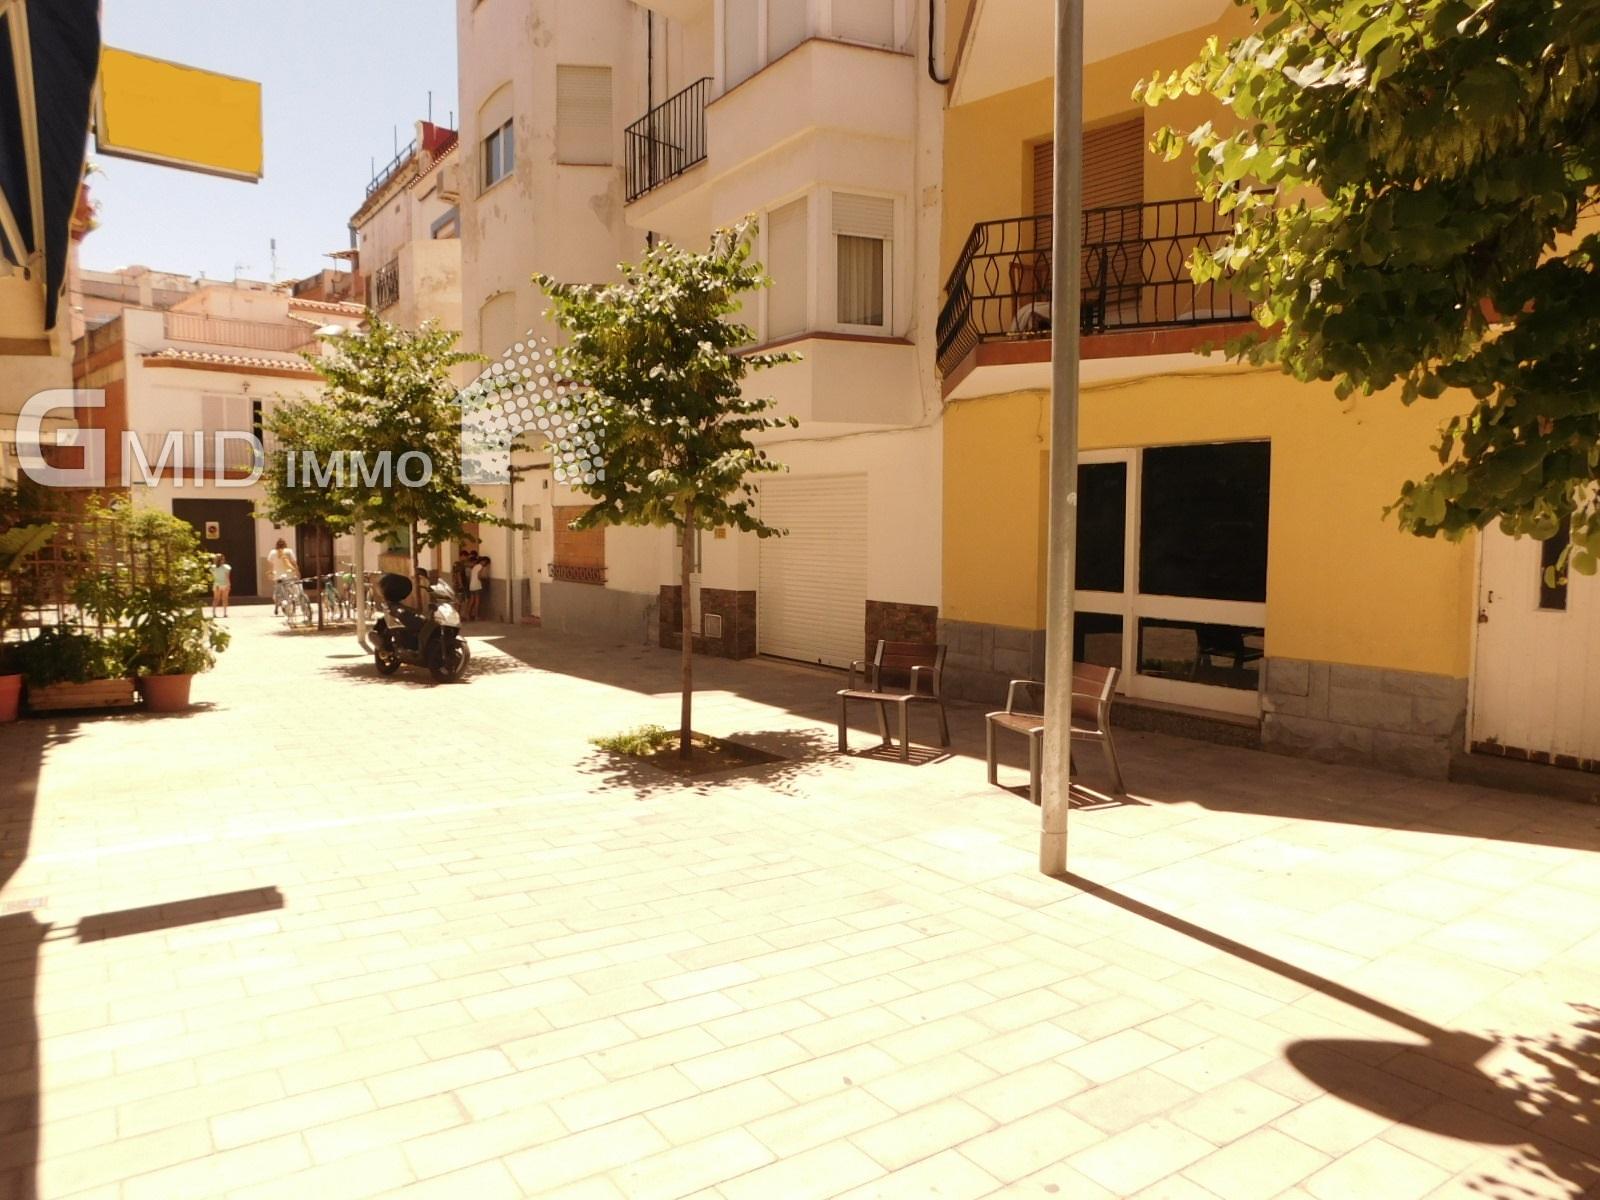 Apartamento de 2 dormitorios en una calle peatonal, cerca de tiendas y 200 metros de la playa de Roses